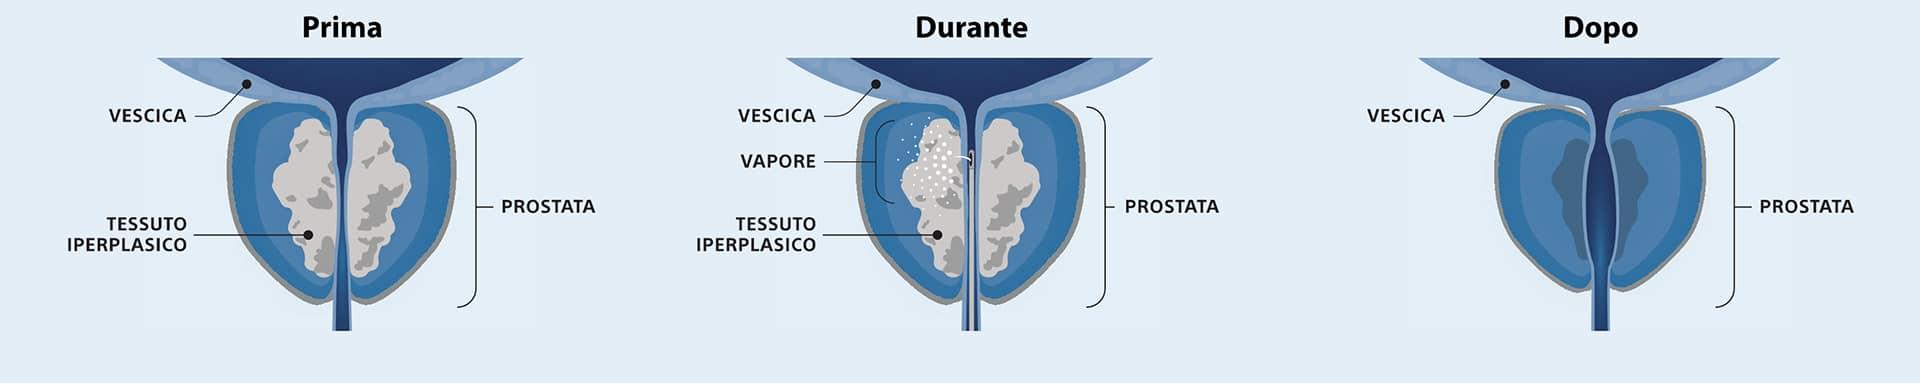 Trattamento dell'ipertrofia prostatica benigna prima, durante e dopo il Rezum